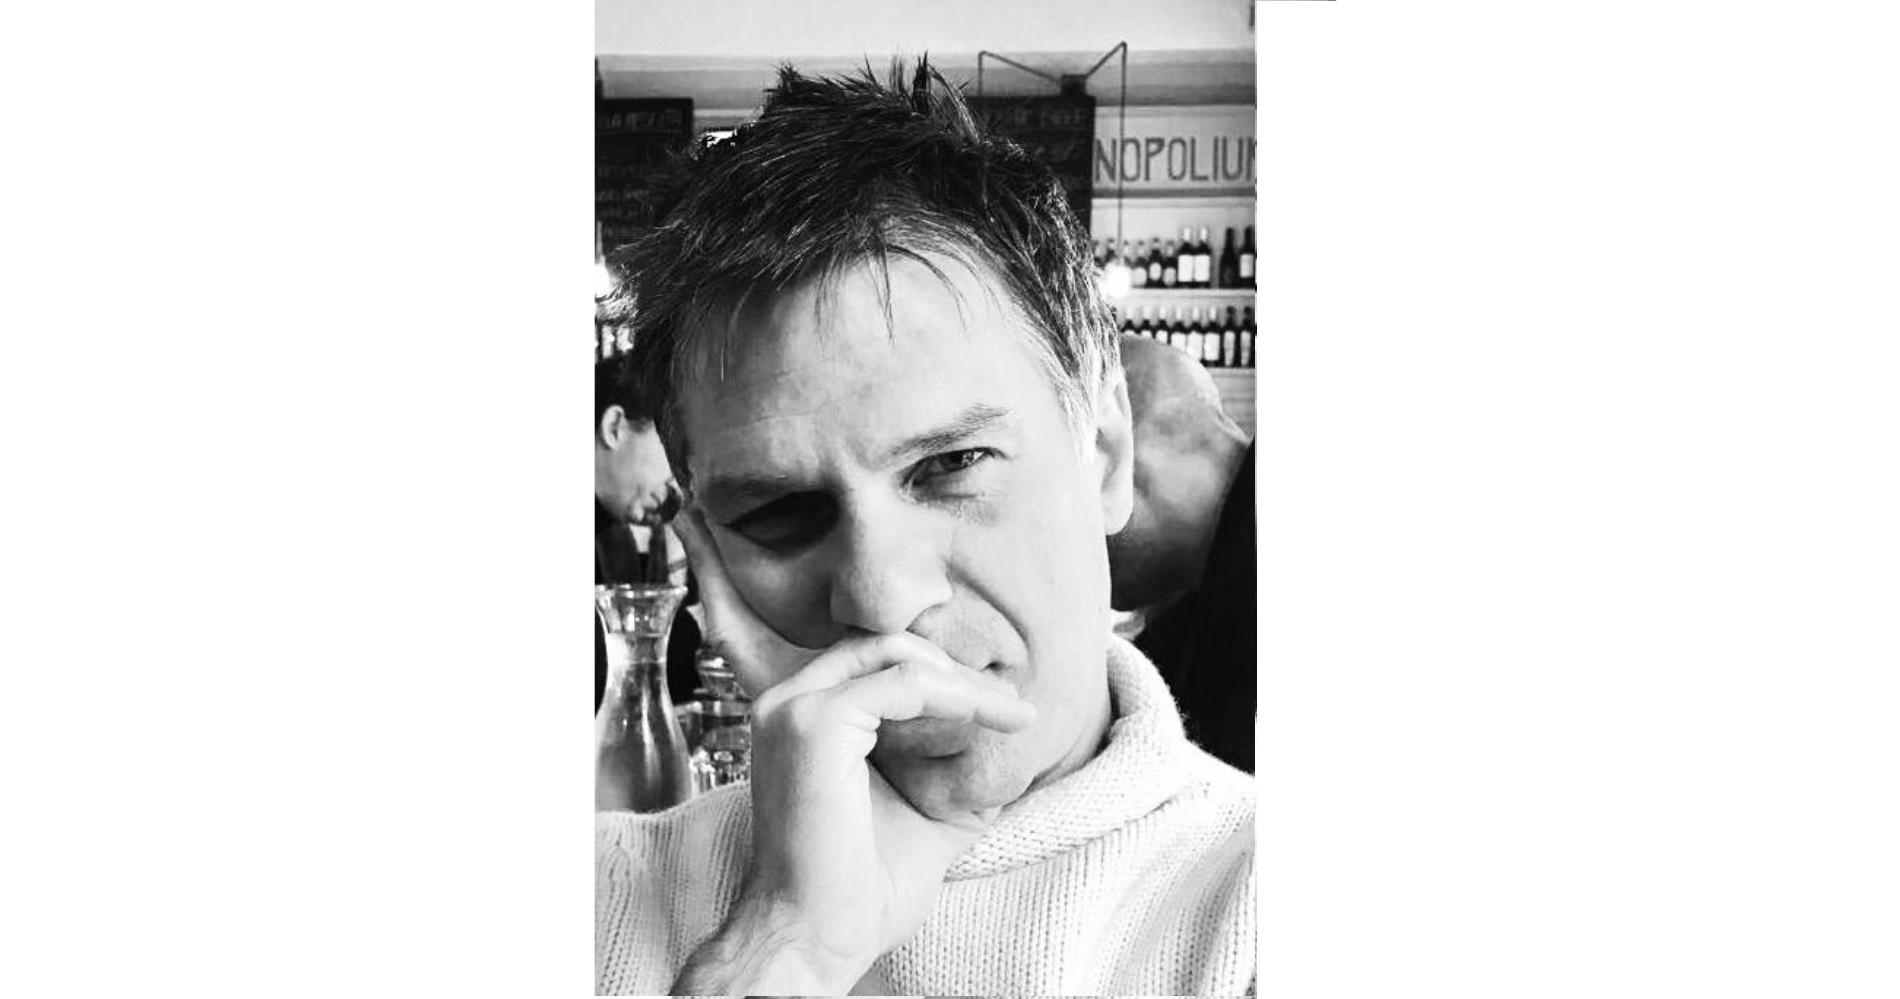 """<span class=""""entry-title-primary"""">Intervista a Massimiliano Alto: """"Il doppiaggio diventa artistico solo quando si compie un miracolo""""</span> <span class=""""entry-subtitle"""">Il direttore del doppiaggio, doppiatore e dialoghista si racconta su La voce dello schermo e offre un'interessante riflessione sul doppiaggio dei nostri giorni. </span>"""